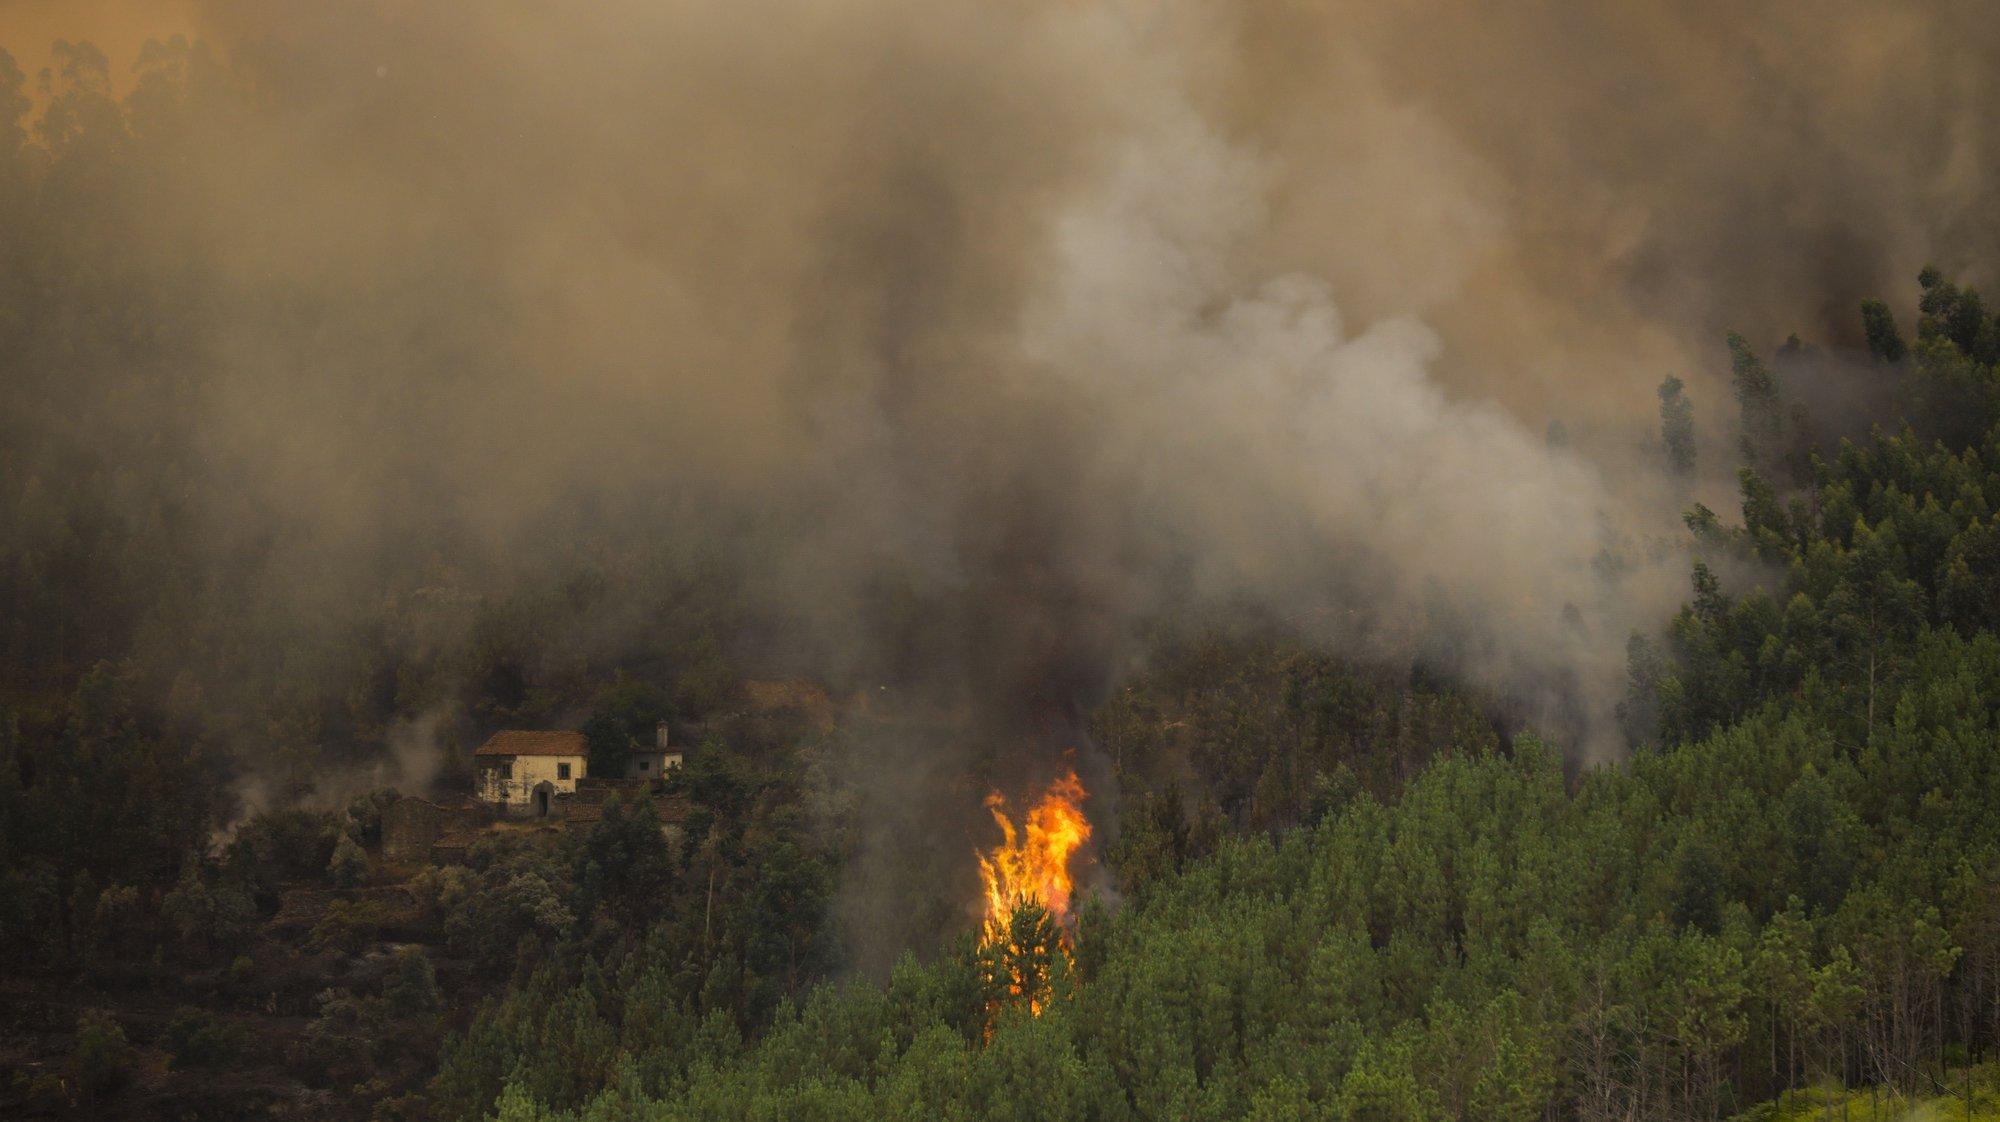 """As chamas aproximam-se das casas durante o incêndio no distrito de Castelo Branco que está a ser combatido em quatro setores, estando os situados a norte """"mais estabilizados"""", de acordo com o comandante, e os a sul """"mais ativos"""", num total de três frentes ativas, Oleiros, 26 de julho de 2020. No terreno estavam cerca de 744 operacionais apoiados por 232 veículos, 12 meios aéreos e nove máquinas de rasto. PAULO CUNHA /LUSA"""